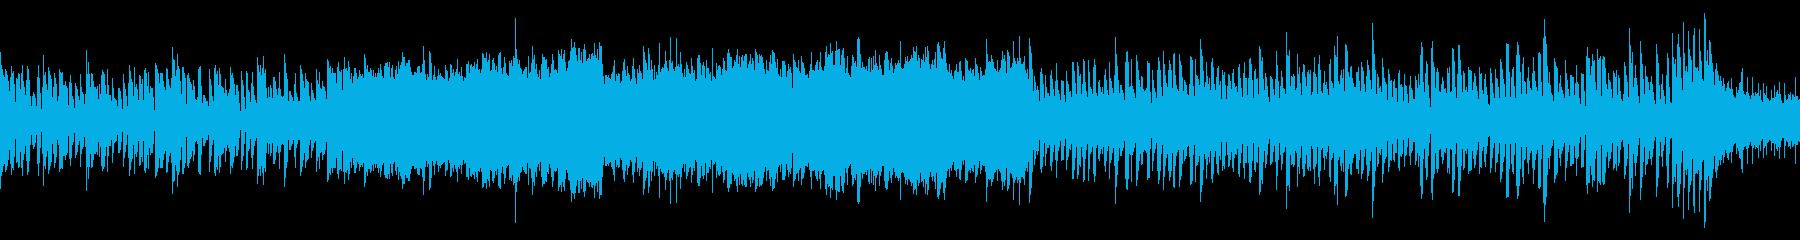 緊迫した雰囲気のバトル曲(ループ仕様)の再生済みの波形